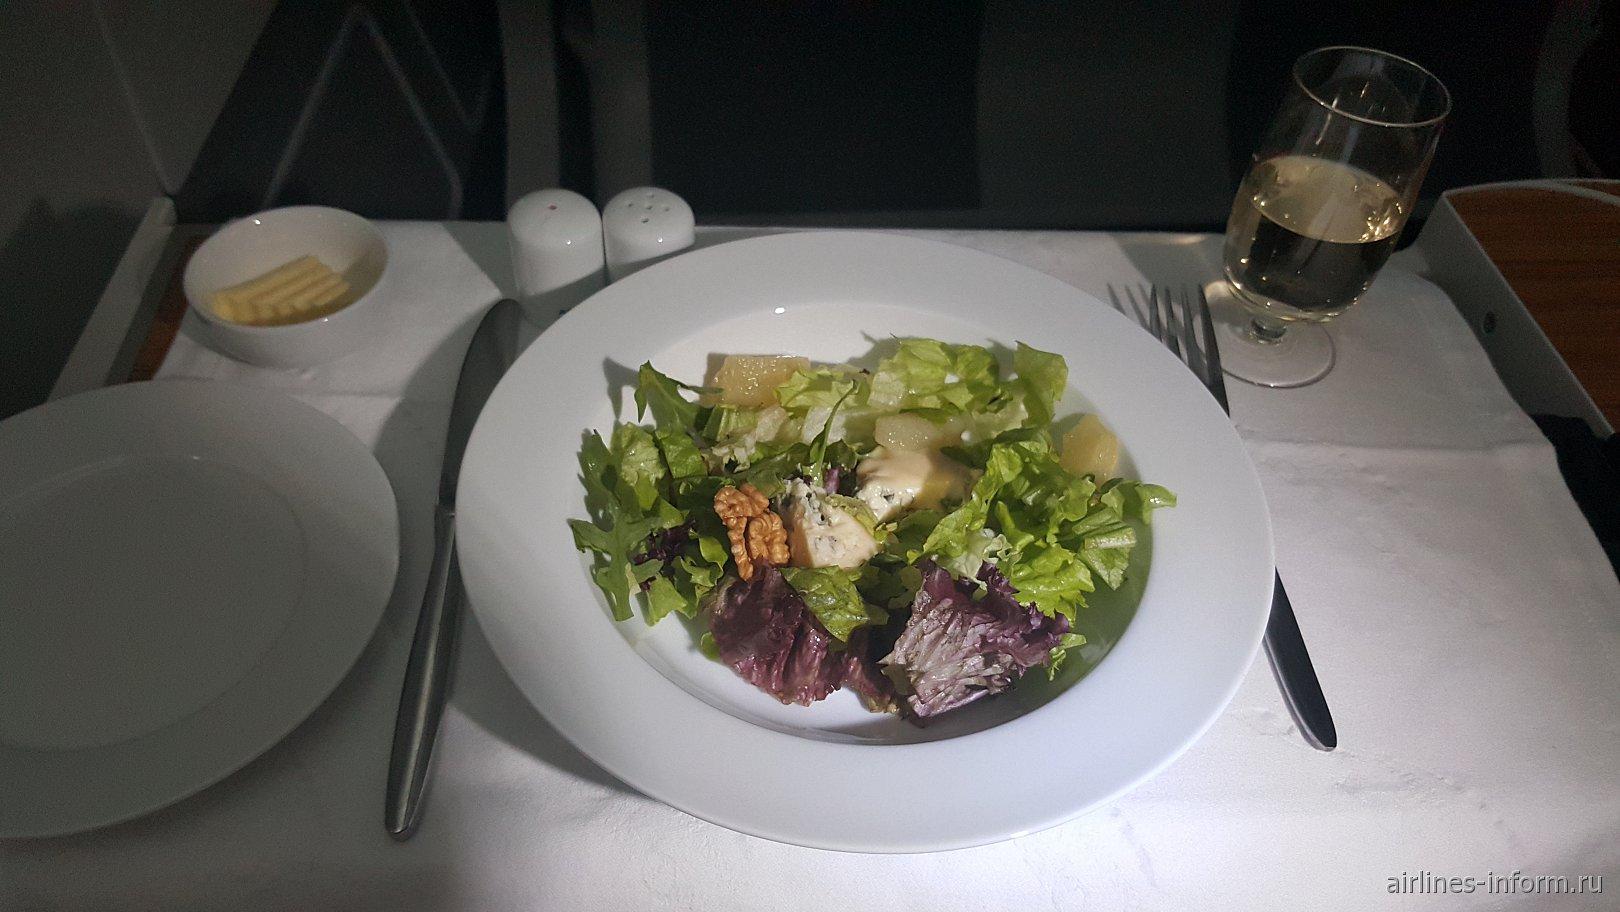 Салат. Листья салата с грушей в сиропе, сыром Горгонзола и медовым соусом